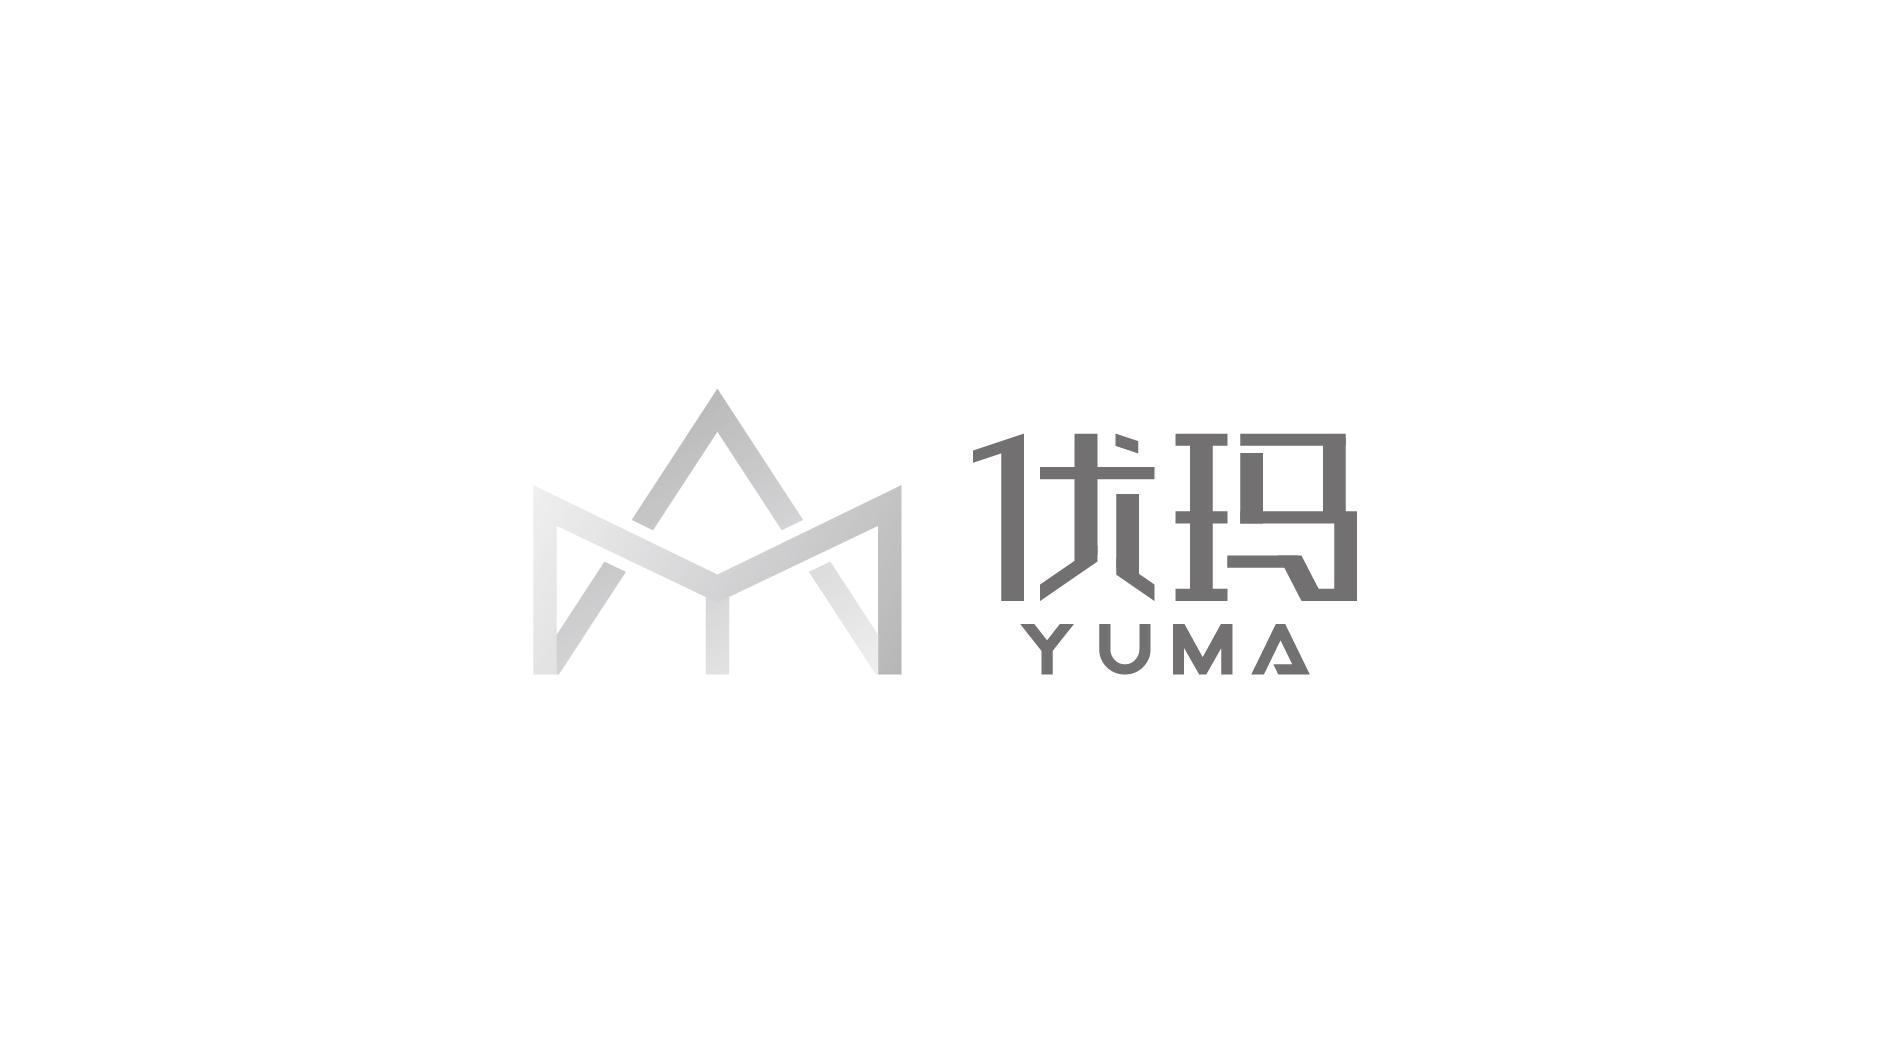 优玛科技公司LOGO万博手机官网